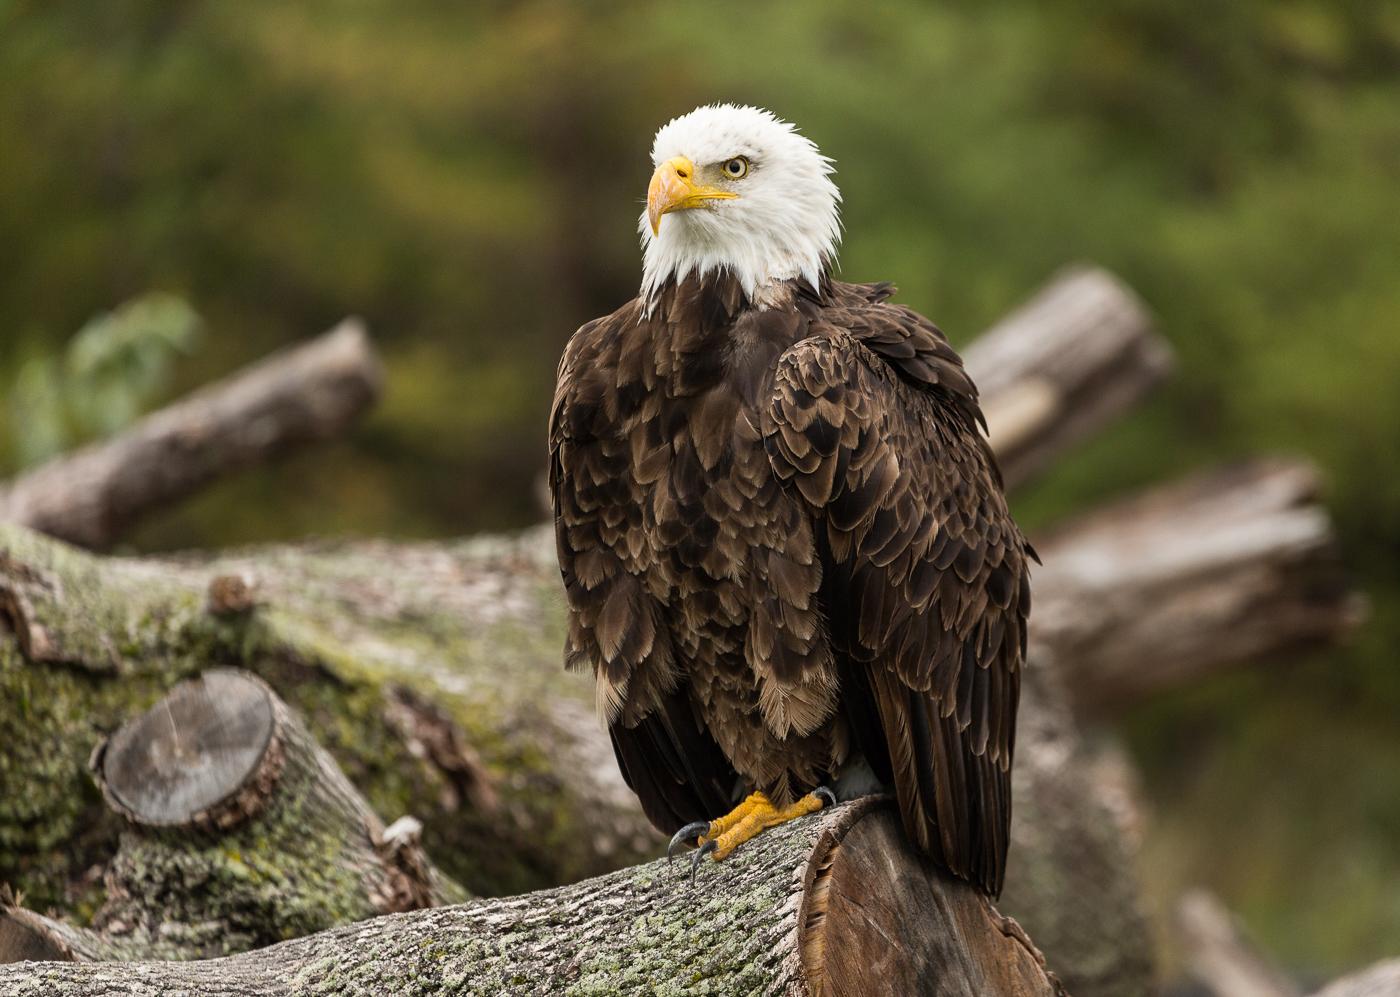 Bald Eagle at Rest on a Log